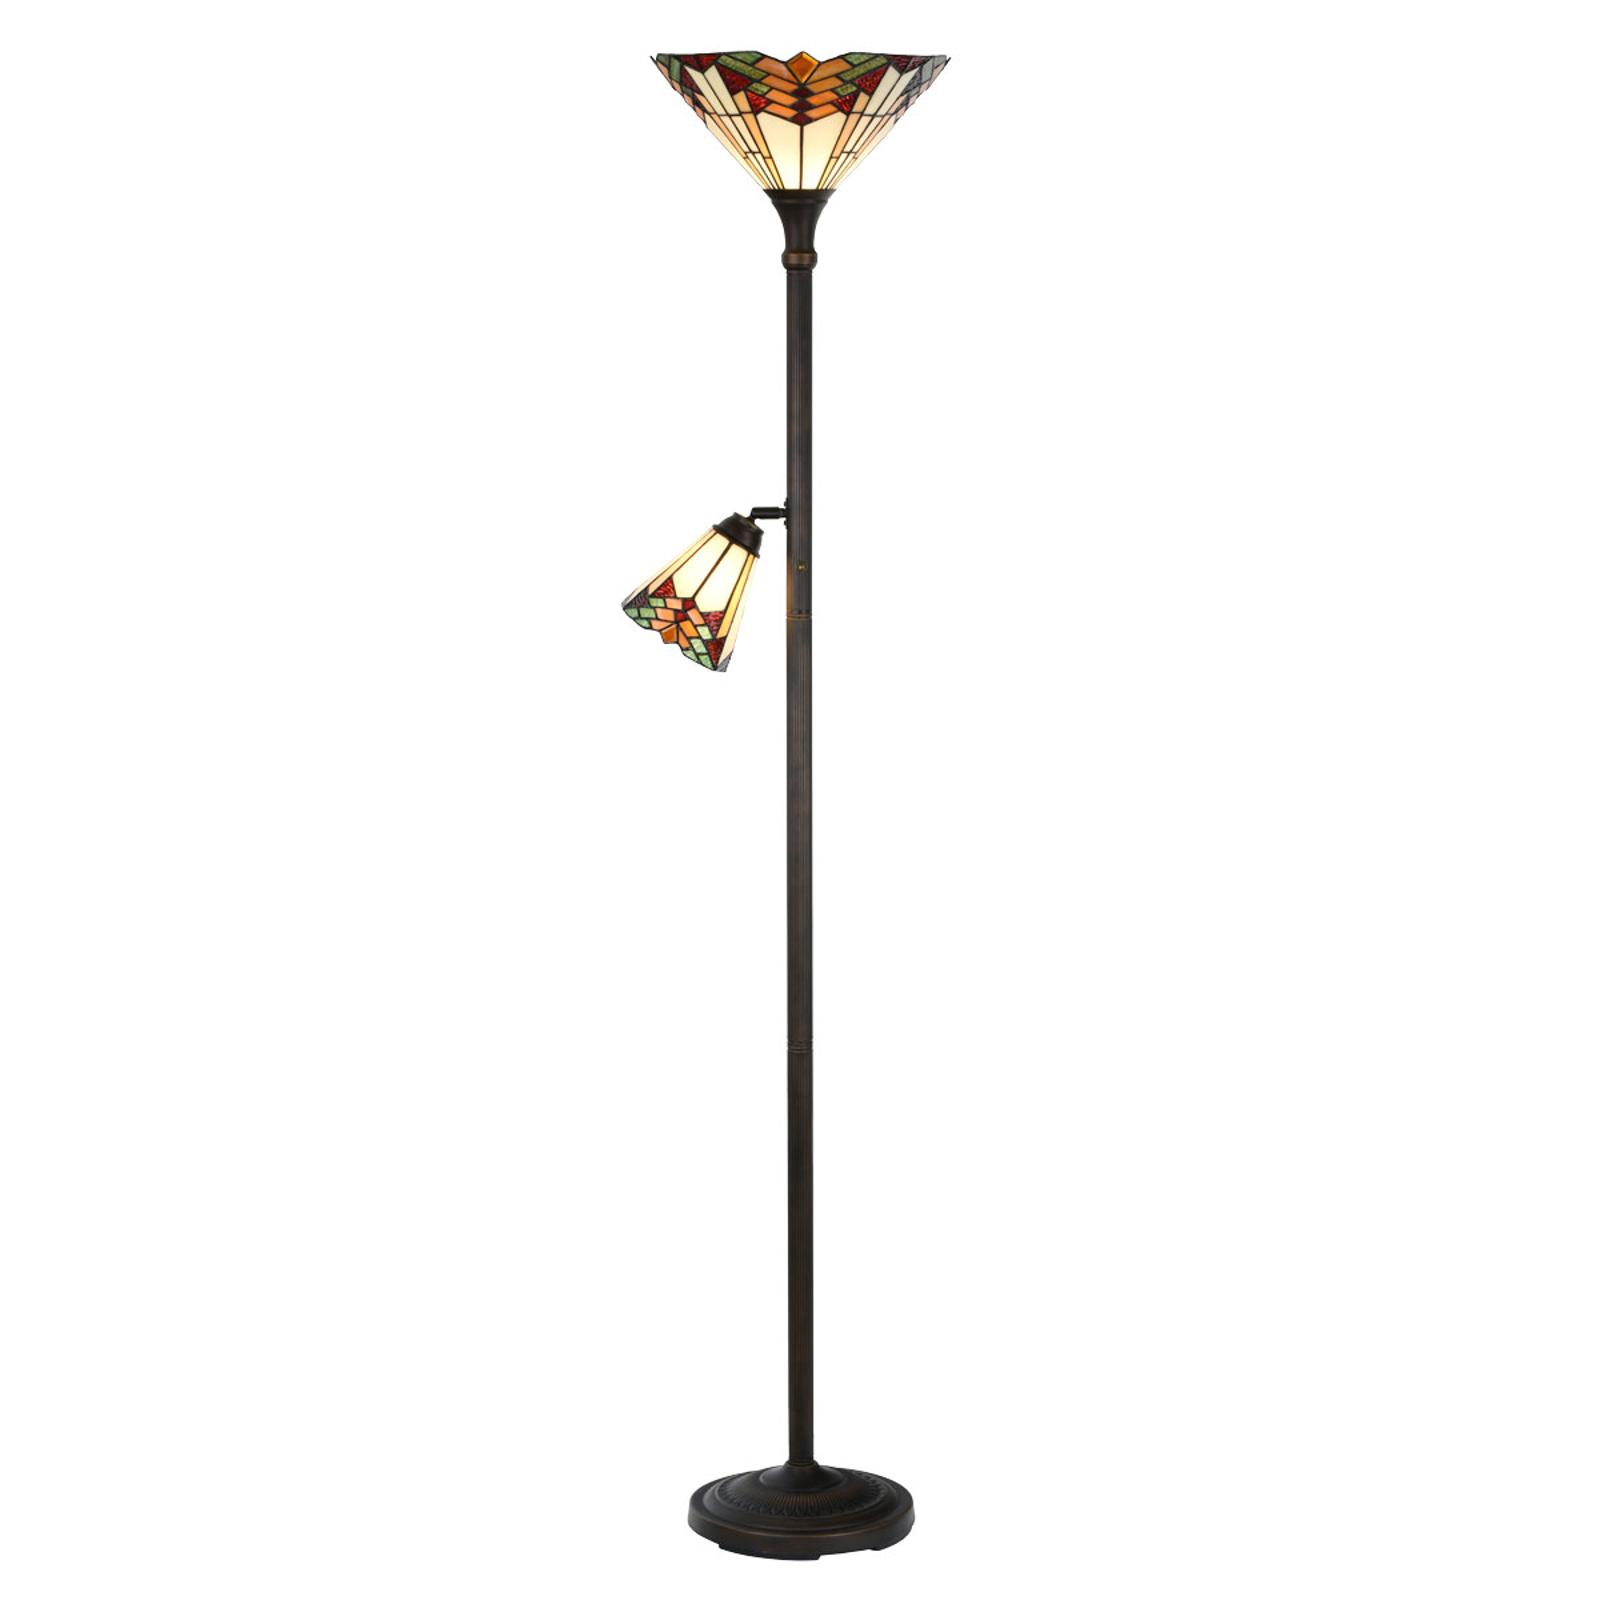 Lampa podłogowa 5969 z lampką do czytania, Tiffany